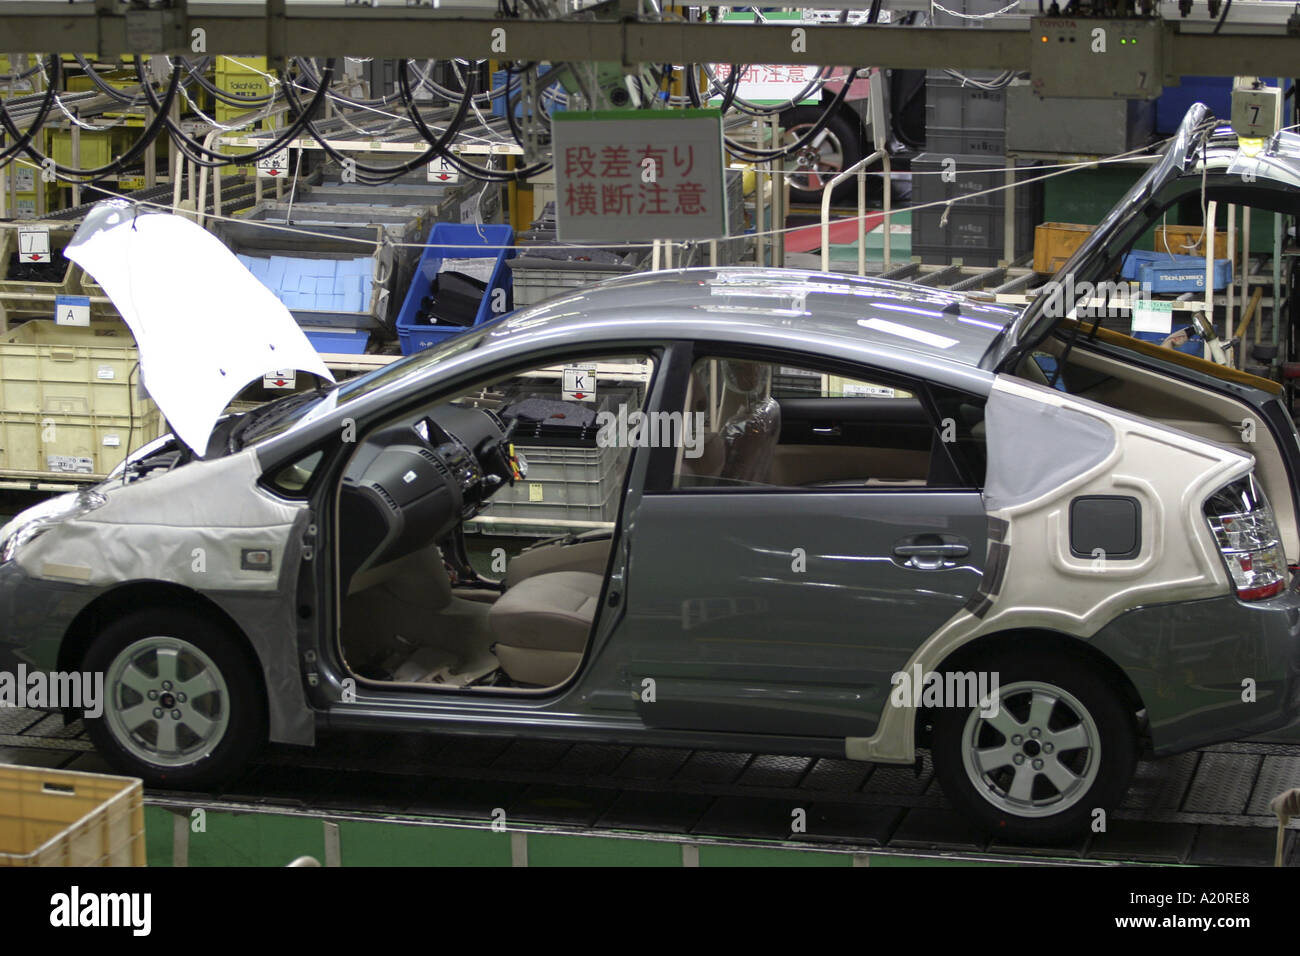 Un coche híbrido Toyota Prius se monta en la línea de producción en la fábrica Tsutsumi en la ciudad de Toyota, Nagoya, Japón Imagen De Stock